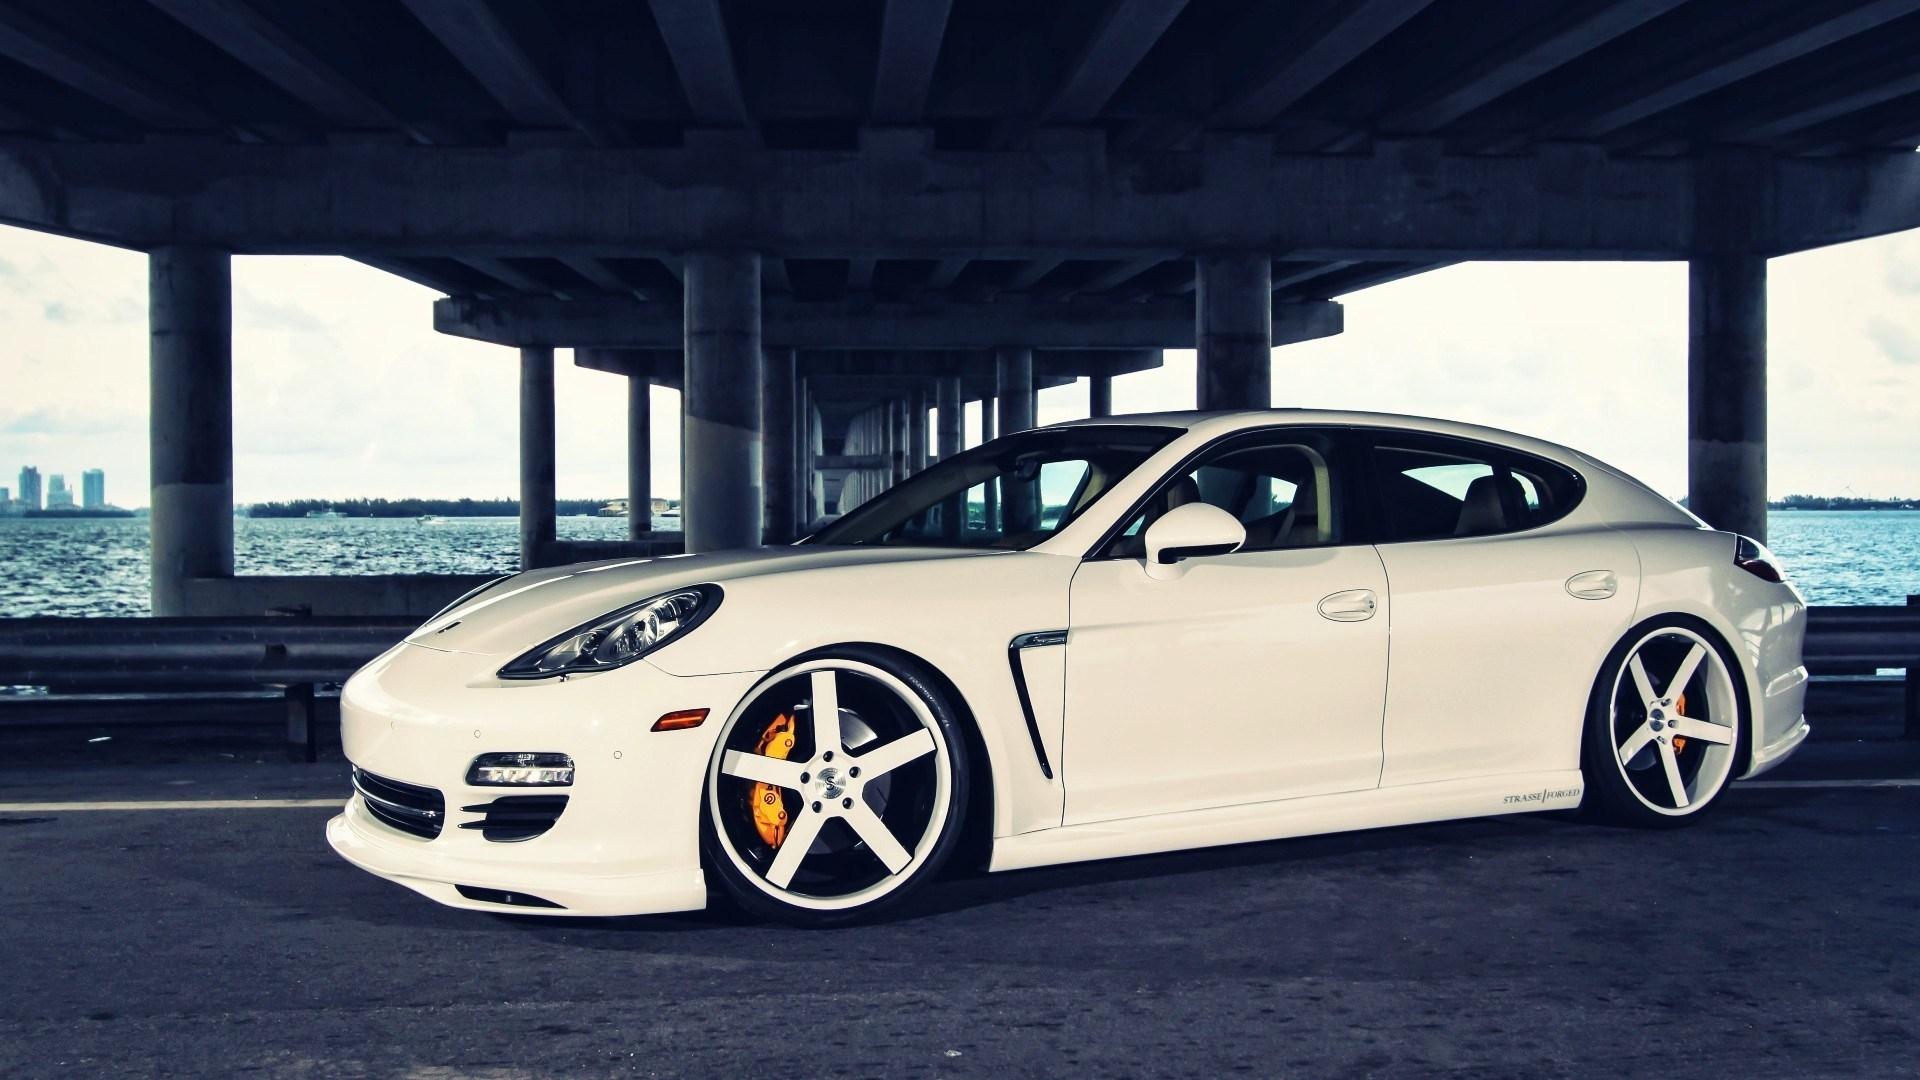 Porsche Panamera Bridge